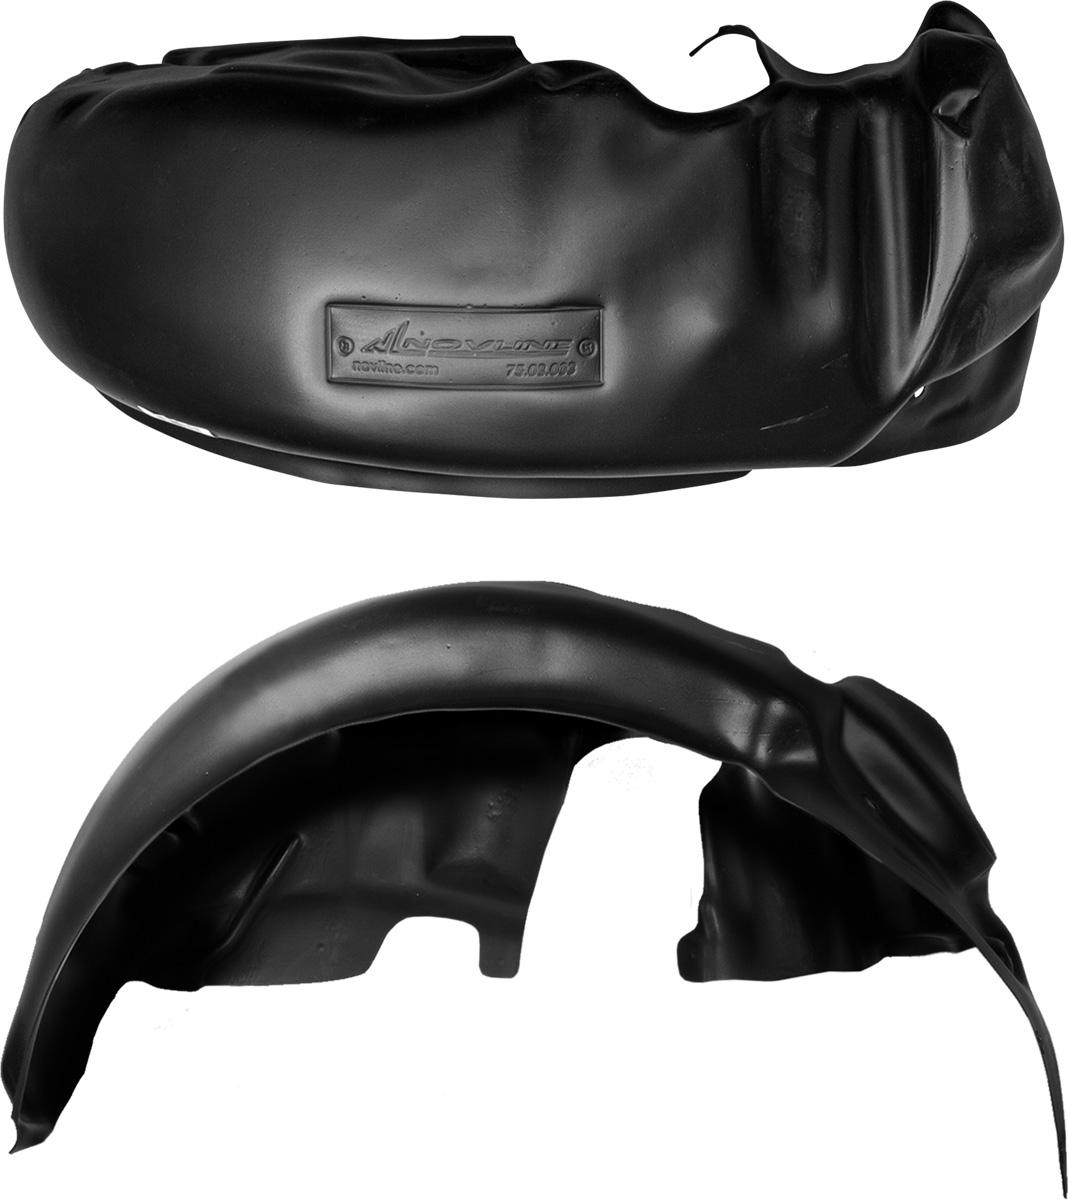 Подкрылок Novline-Autofamily, для Nissan X-Trail, 2007-2011, задний левыйNLL.36.20.003Колесные ниши - одни из самых уязвимых зон днища вашего автомобиля. Они постоянно подвергаются воздействию со стороны дороги. Лучшая, почти абсолютная защита для них - специально отформованные пластиковые кожухи, которые называются подкрылками. Производятся они как для отечественных моделей автомобилей, так и для иномарок. Подкрылки Novline-Autofamily выполнены из высококачественного, экологически чистого пластика. Обеспечивают надежную защиту кузова автомобиля от пескоструйного эффекта и негативного влияния, агрессивных антигололедных реагентов. Пластик обладает более низкой теплопроводностью, чем металл, поэтому в зимний период эксплуатации использование пластиковых подкрылков позволяет лучше защитить колесные ниши от налипания снега и образования наледи. Оригинальность конструкции подчеркивает элегантность автомобиля, бережно защищает нанесенное на днище кузова антикоррозийное покрытие и позволяет осуществить крепление подкрылков внутри колесной арки практически без...